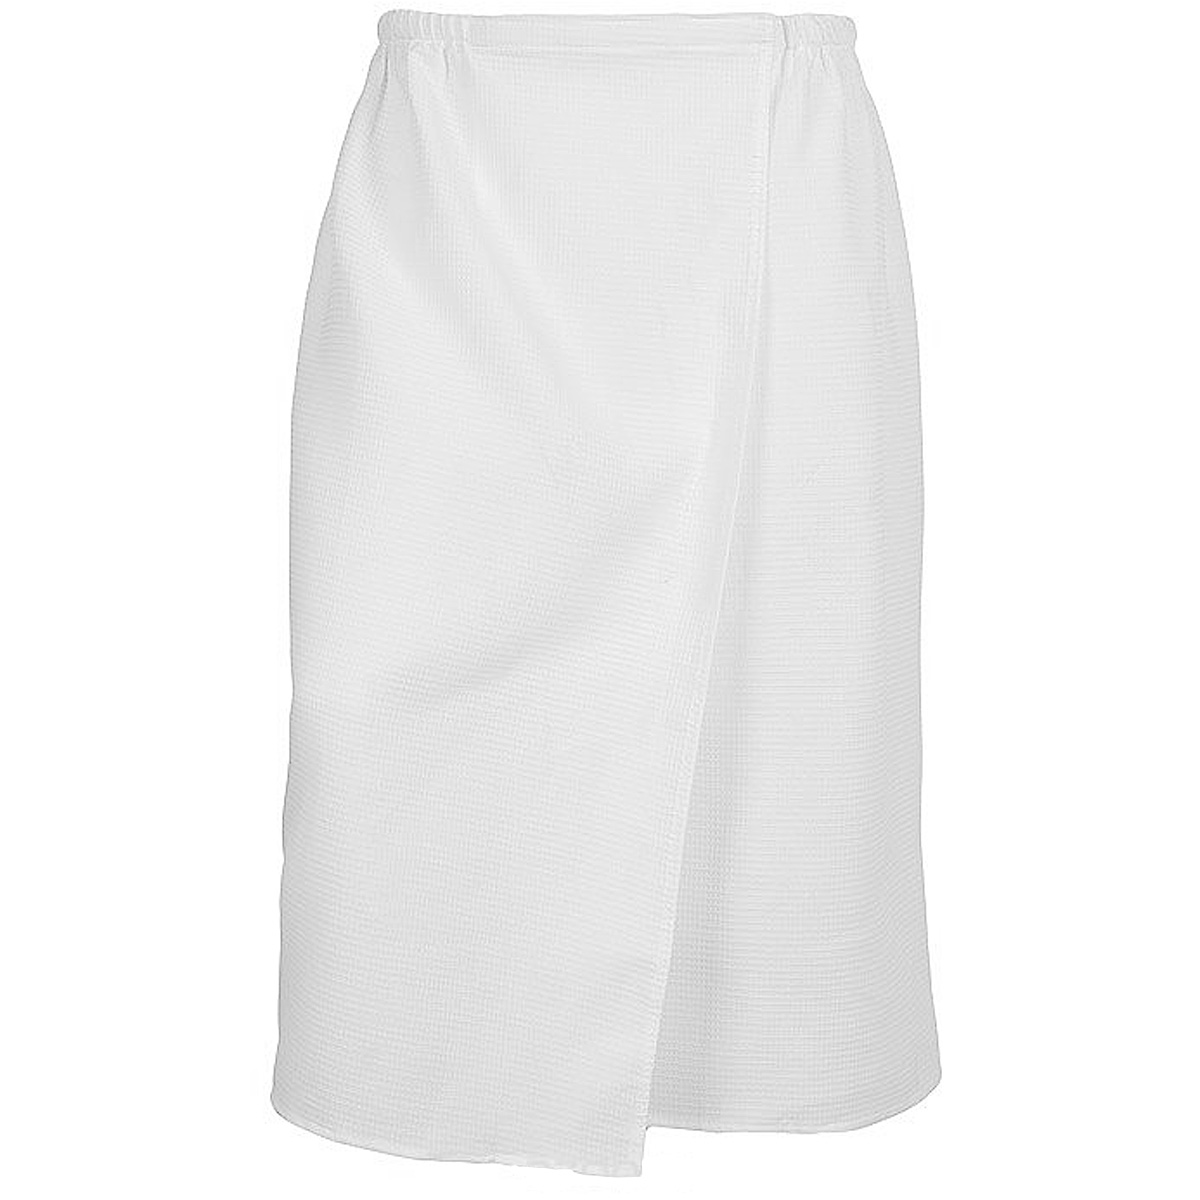 Килт для бани и сауны Банные штучки, мужской, цвет: белый килт для бани и сауны банные штучки мужской цвет в ассортименте